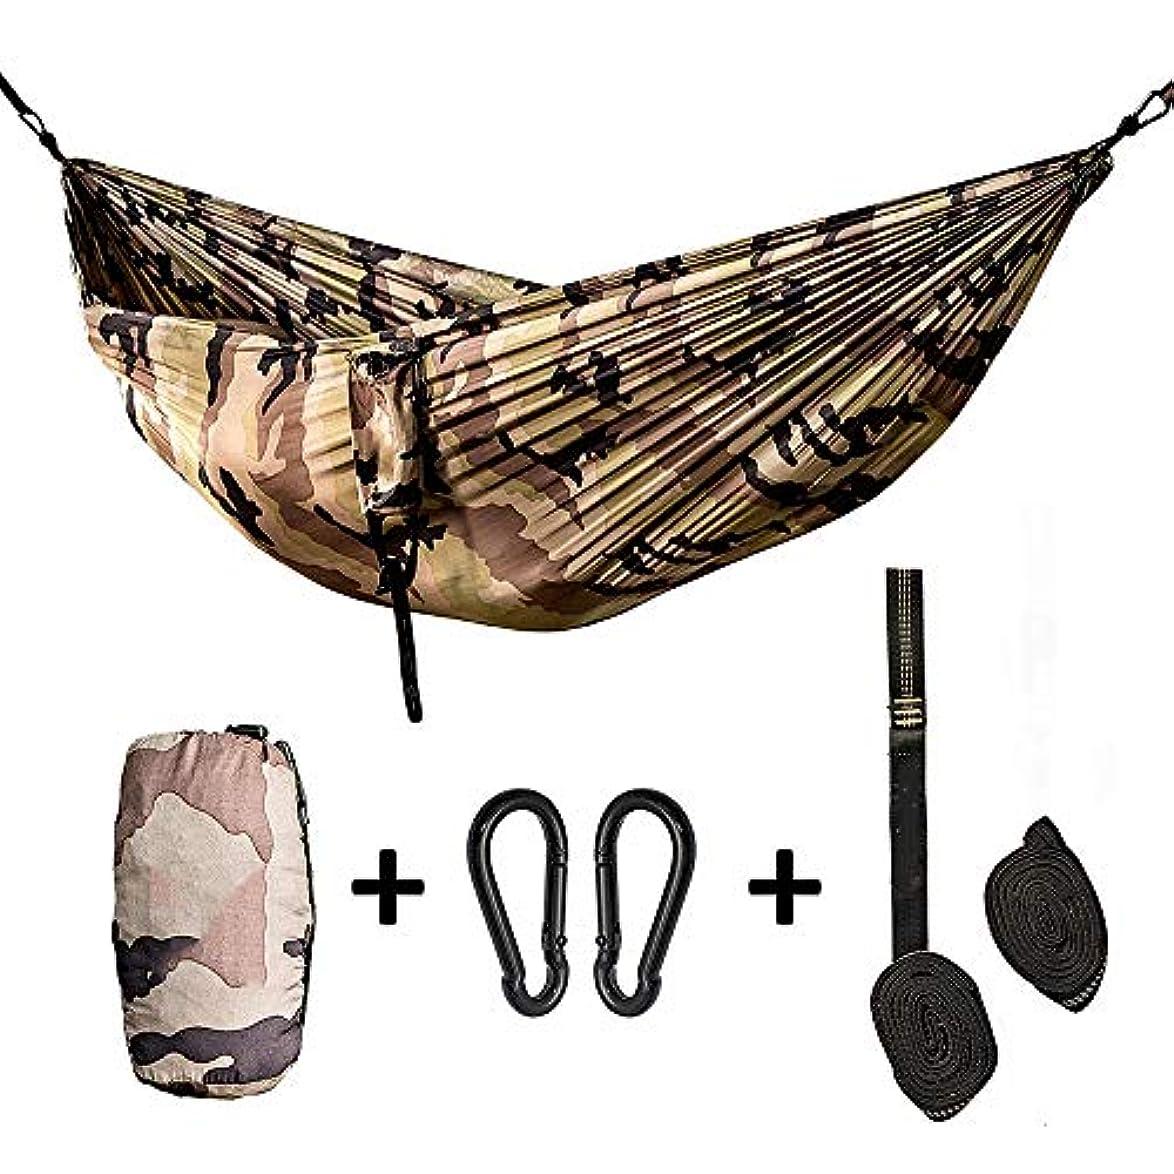 優しいスケルトン樹皮ハンモック、二重キャンプの軽量の携帯用パラシュートのハンモック、屋外のハイキング旅行のバックパッキングのため - ナイロンハンモックの振動 - サポート400ポンドロープCarabineers,Natural